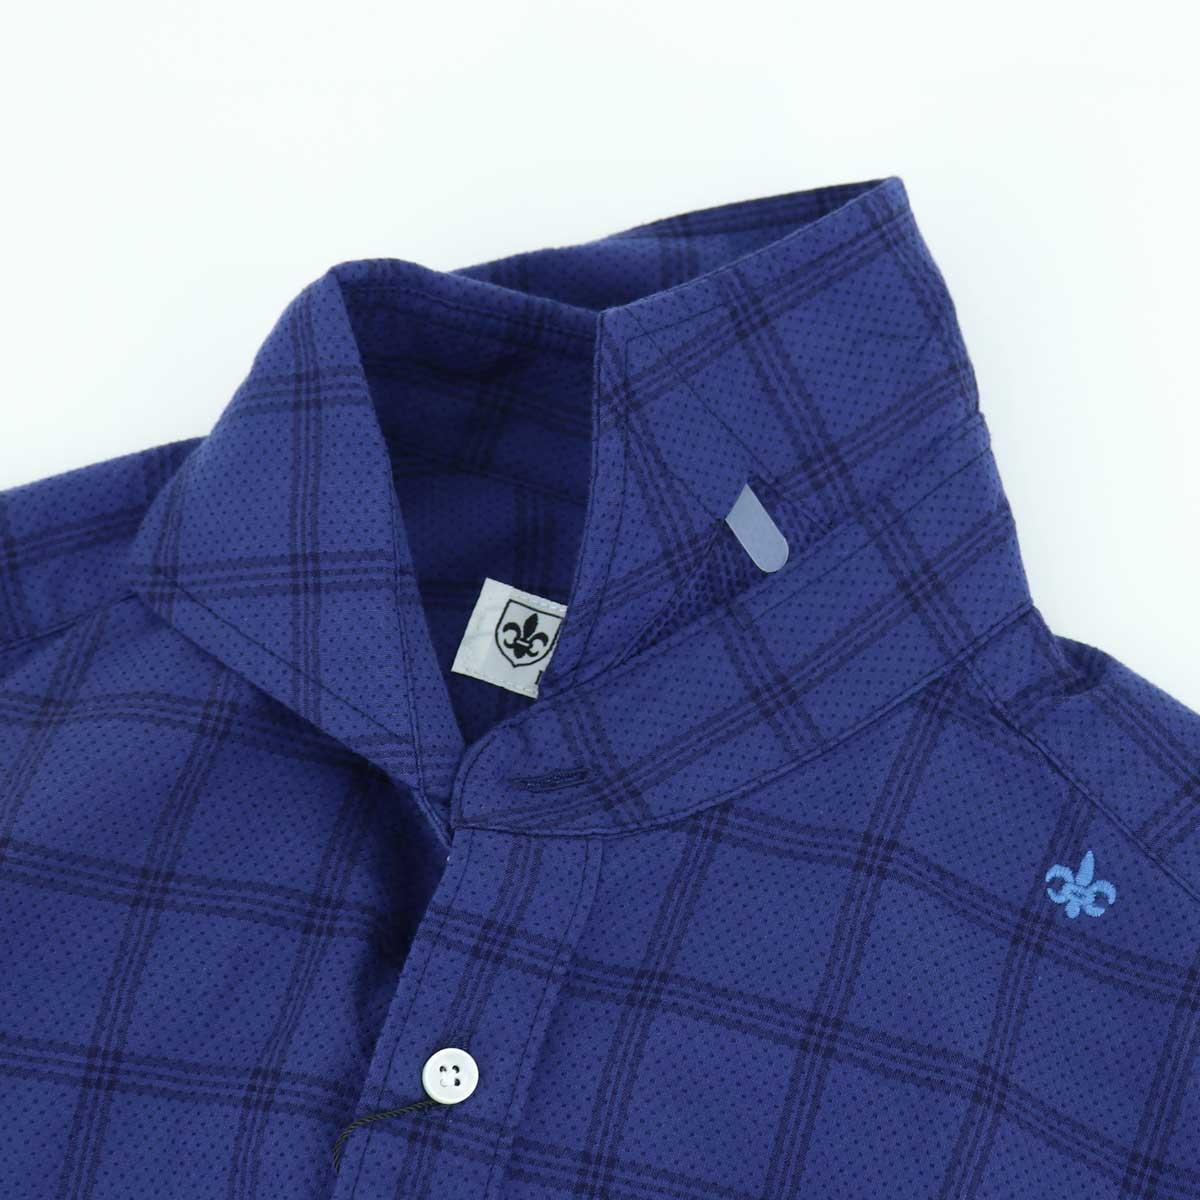 ピンドット×ラインチェック ホリゾンタルカラーシャツ(NAVY)